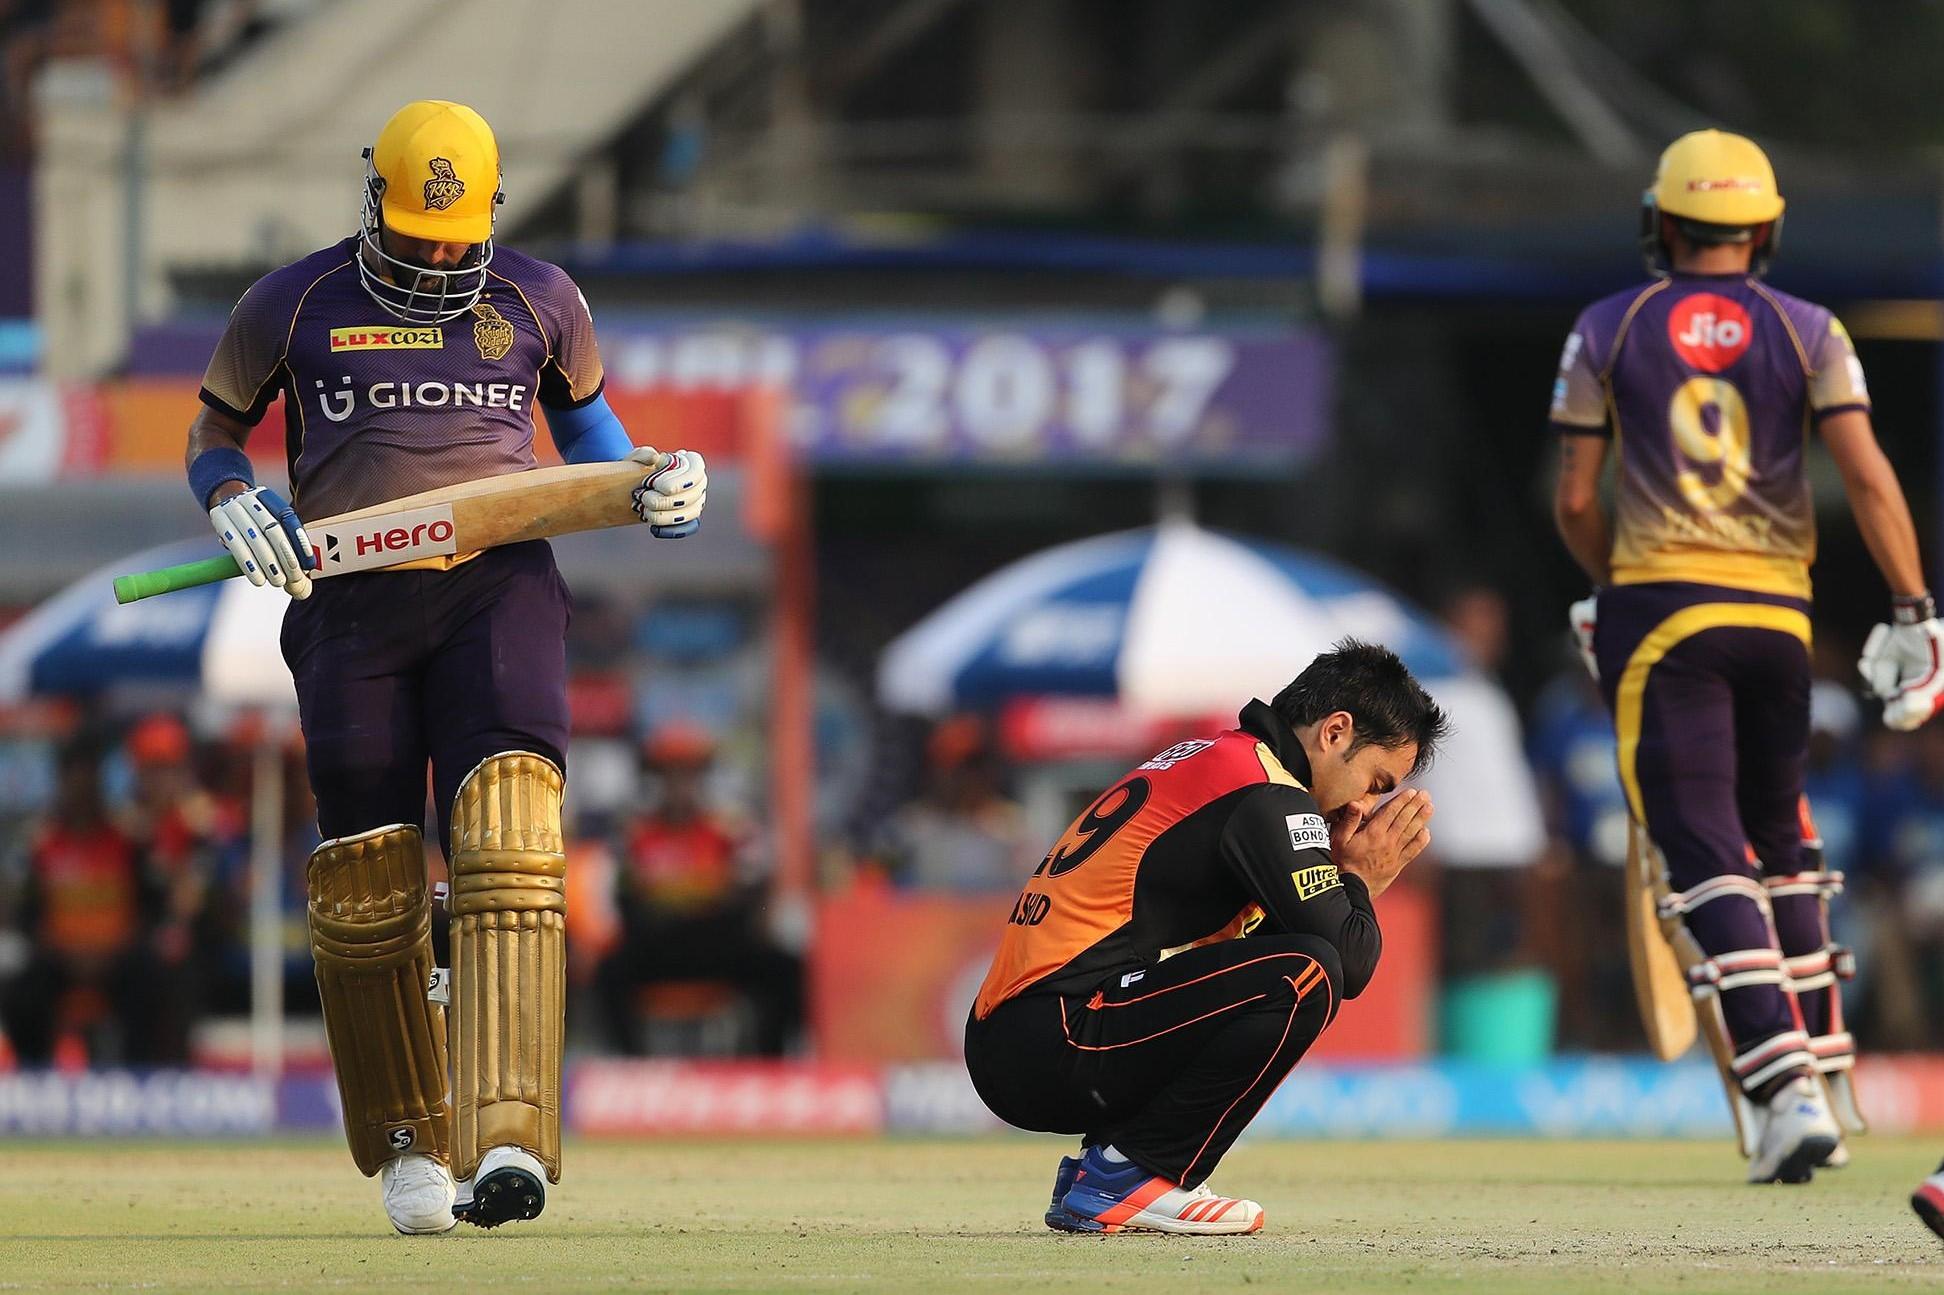 भाग्य के कारण इस खिलाड़ी ने आईपीएल में दिलाई अपनी टीम को बड़ी जीत 9